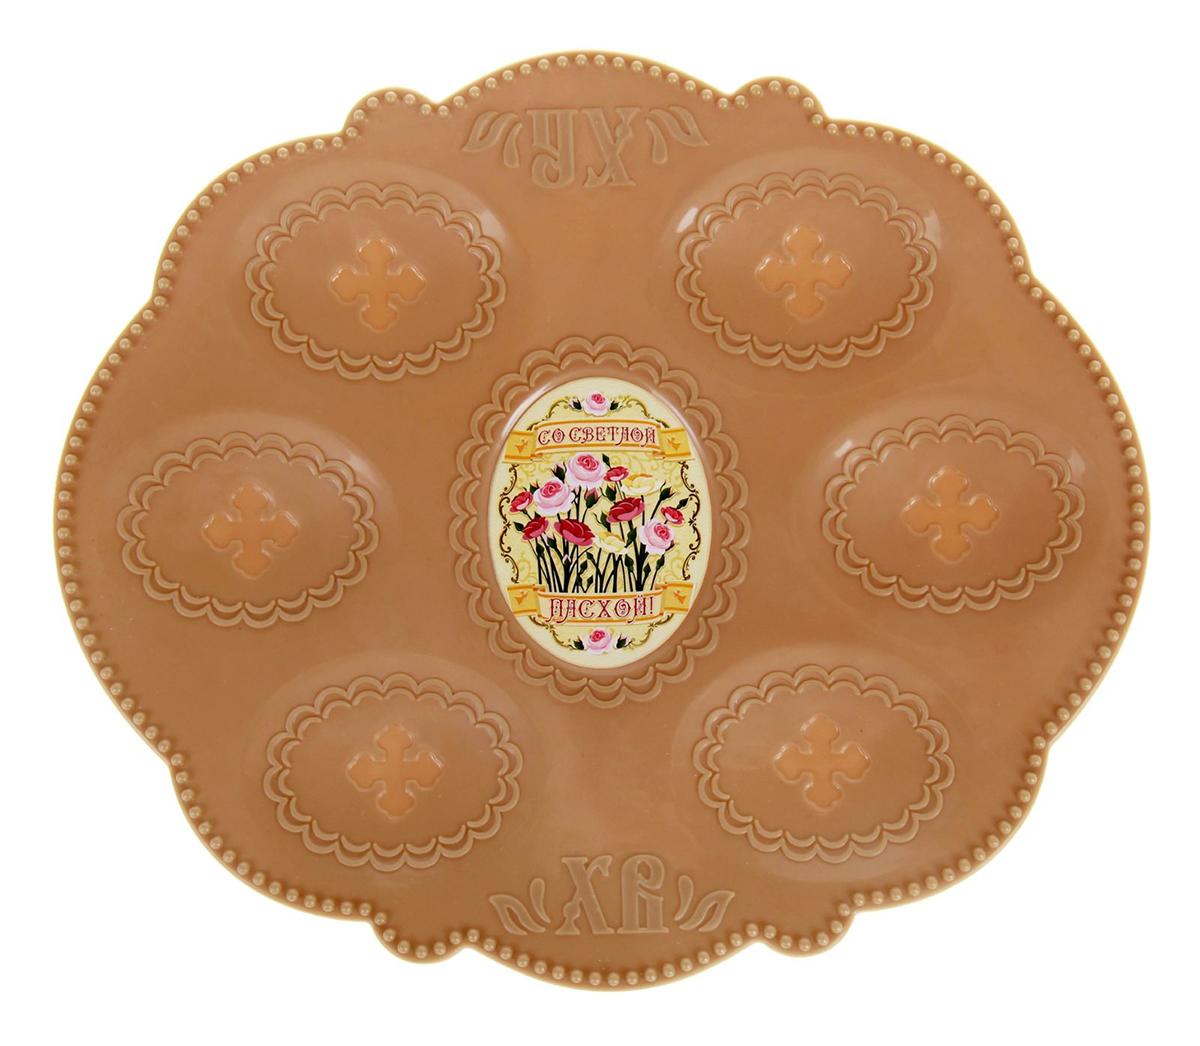 Пасхальная подставка для 6 яиц изготовлена из качественного пластика, в центре имеется яркая вставка.  Аксессуар станет достойным украшением праздничного стола, создаст радостное настроение и наполнит пространство вашего дома благостной энергией на весь год вперёд. Подставка будет ценным памятным подарком для родных, друзей и коллег. Радости, добра и света вам и вашим близким!